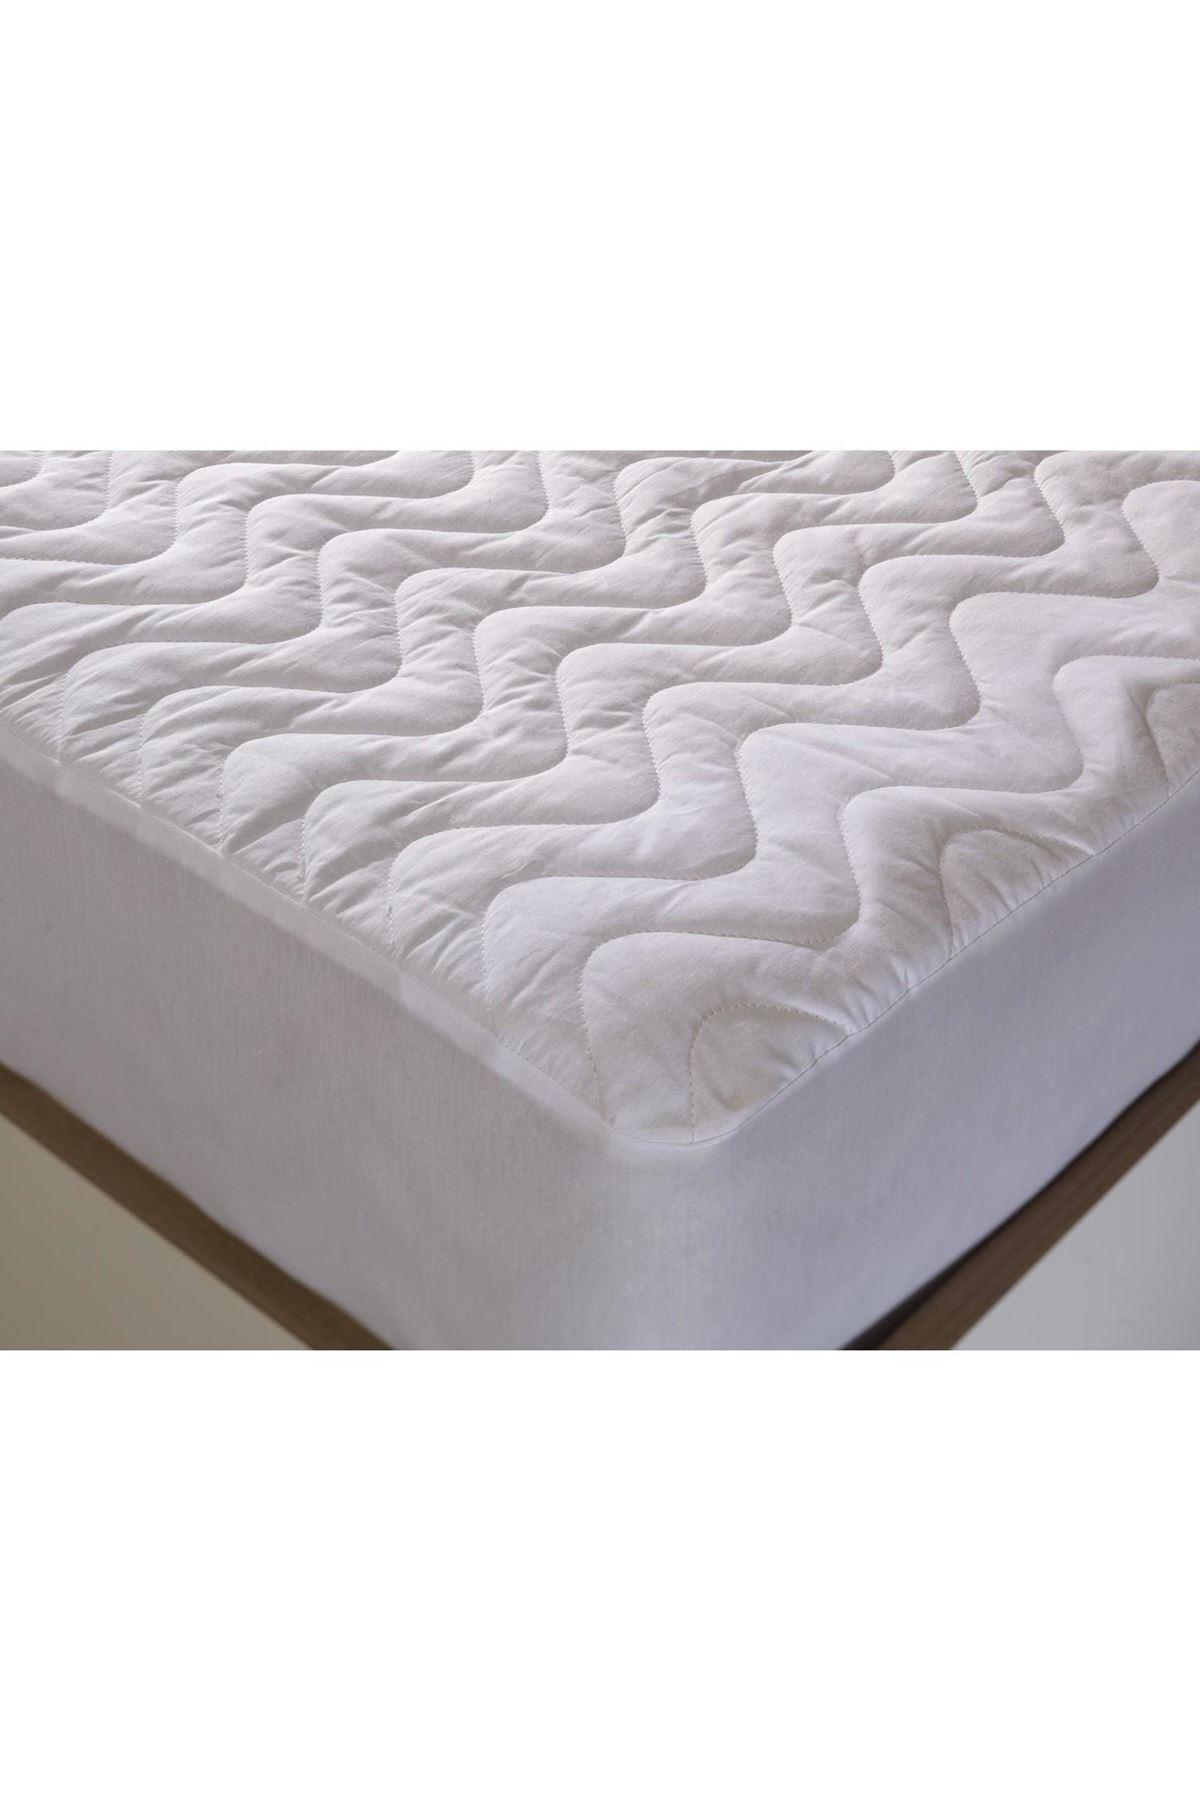 Cotton Box Ranforce Sıvı Geçirmez Kapitone Yatak Pedi 120x200